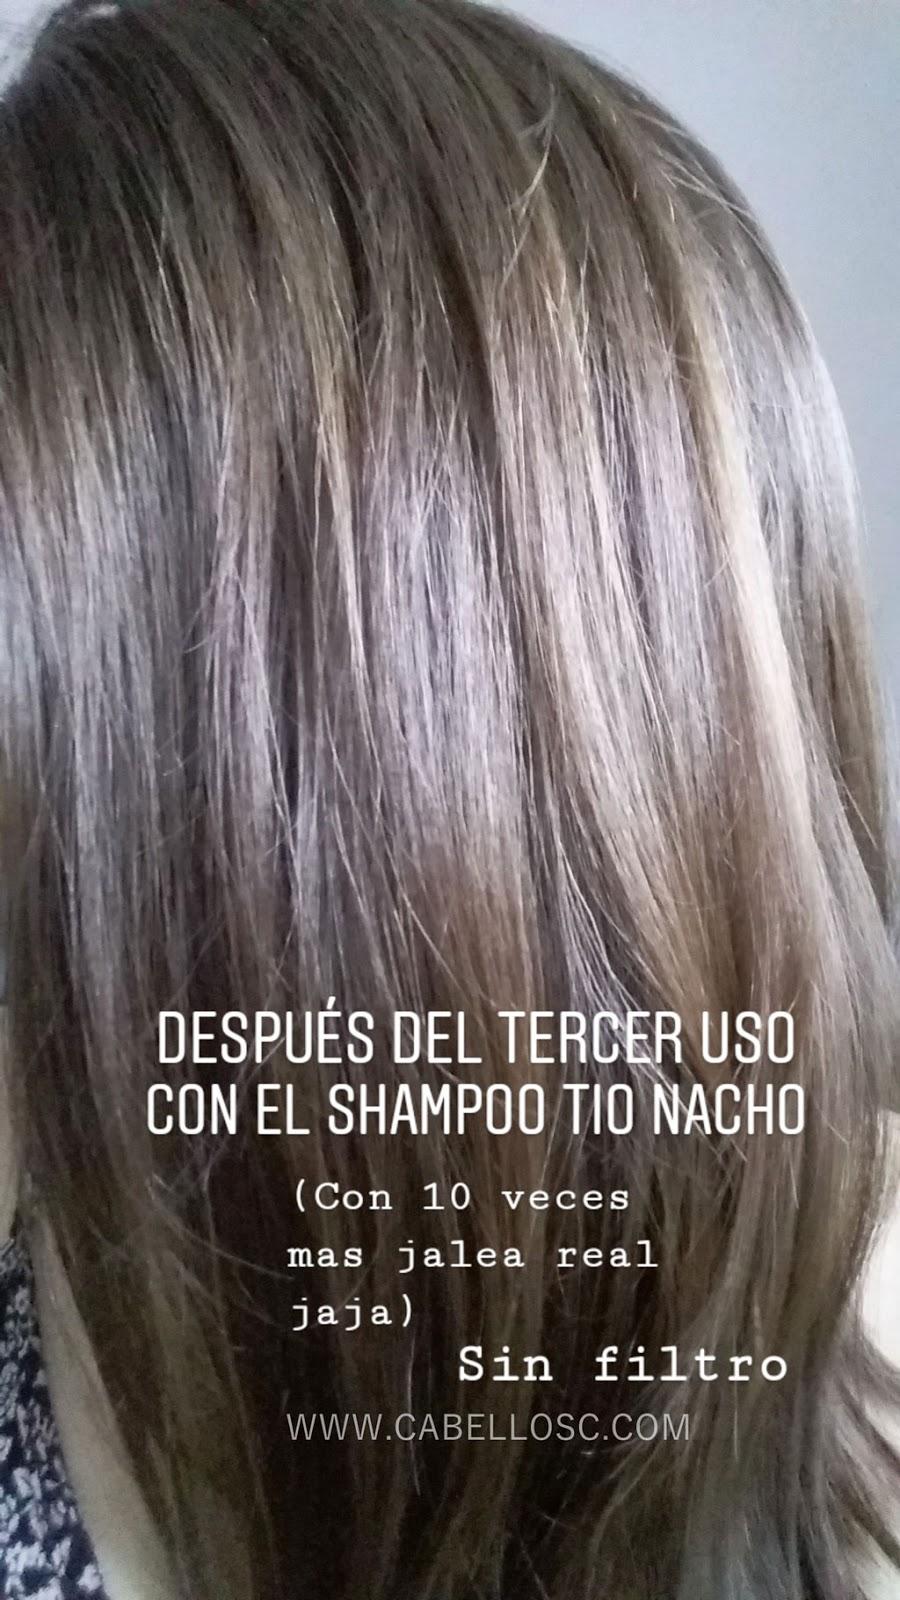 Como usar la jalea real para el cabello